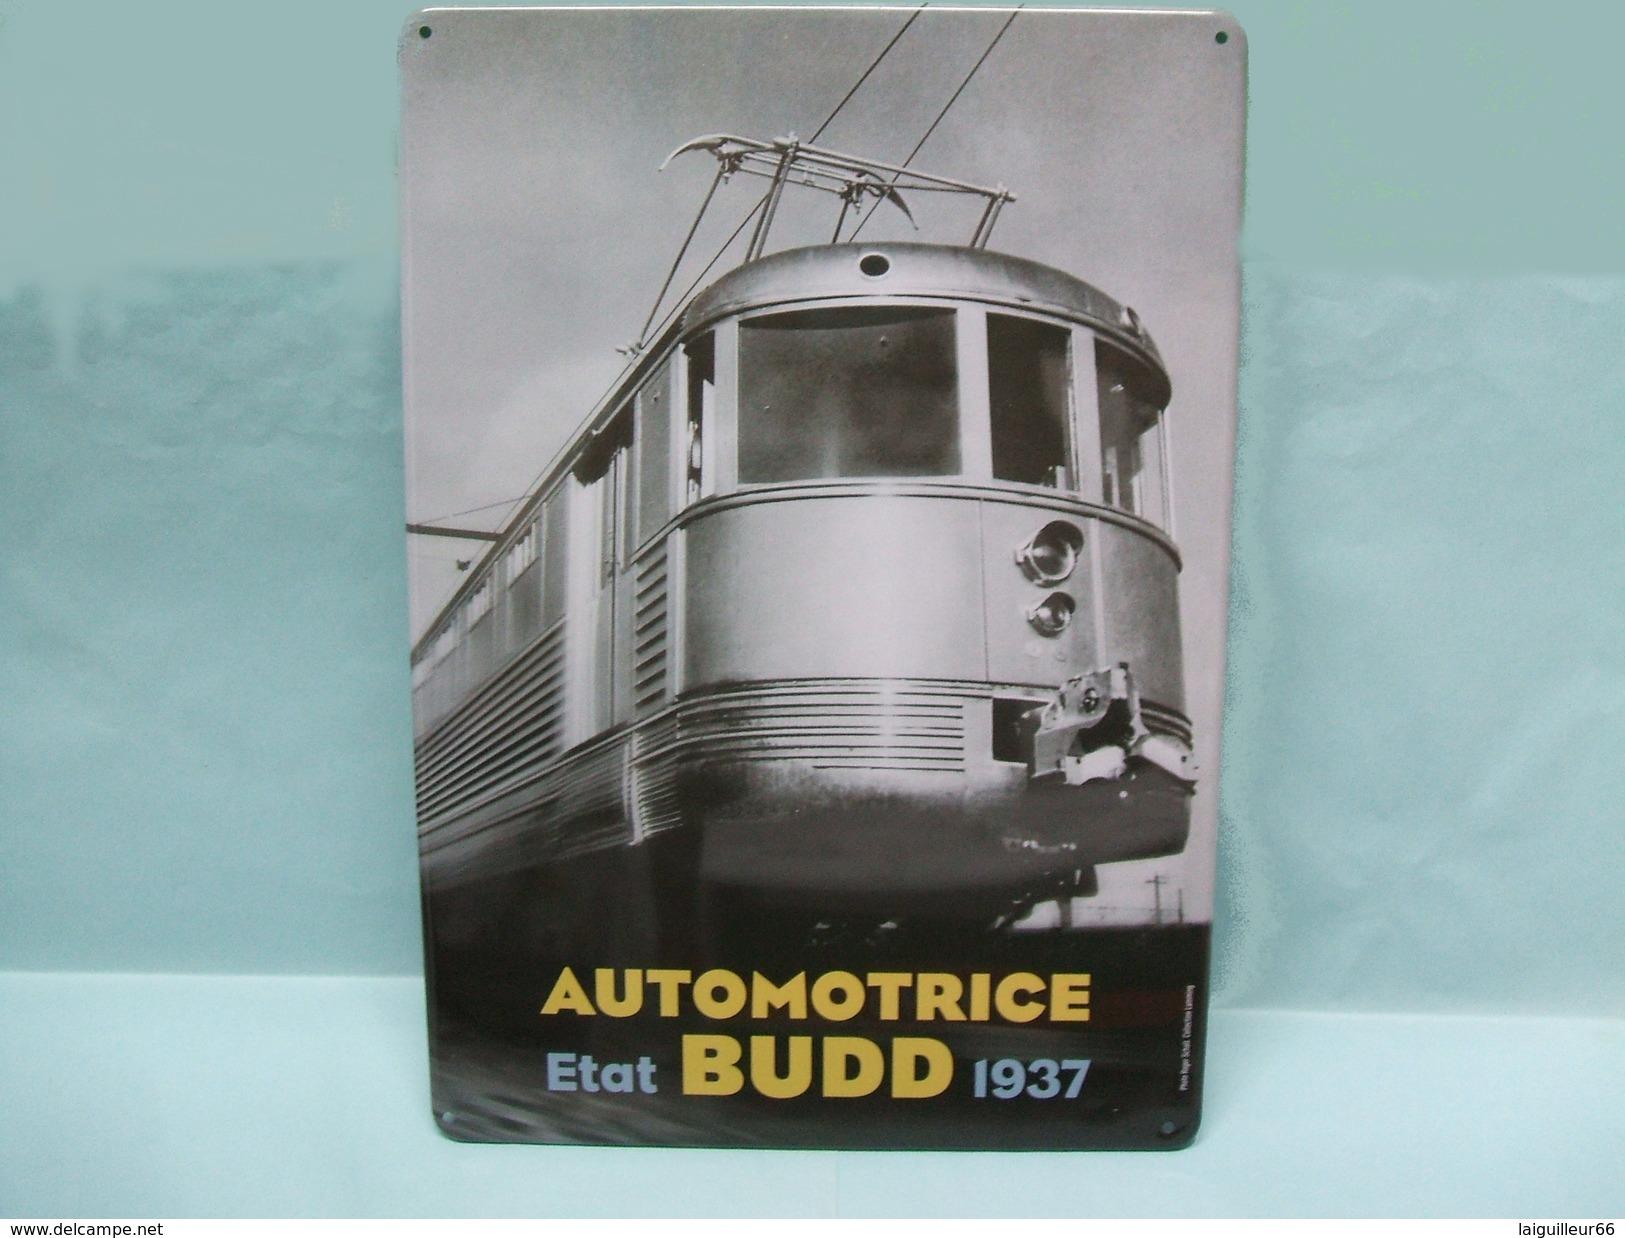 Atlas - PLAQUE EMAILLEE TOLE Métal Automotrice BUDD ETAT 1937 28,5 X 21cm NEUF - Plaques Publicitaires